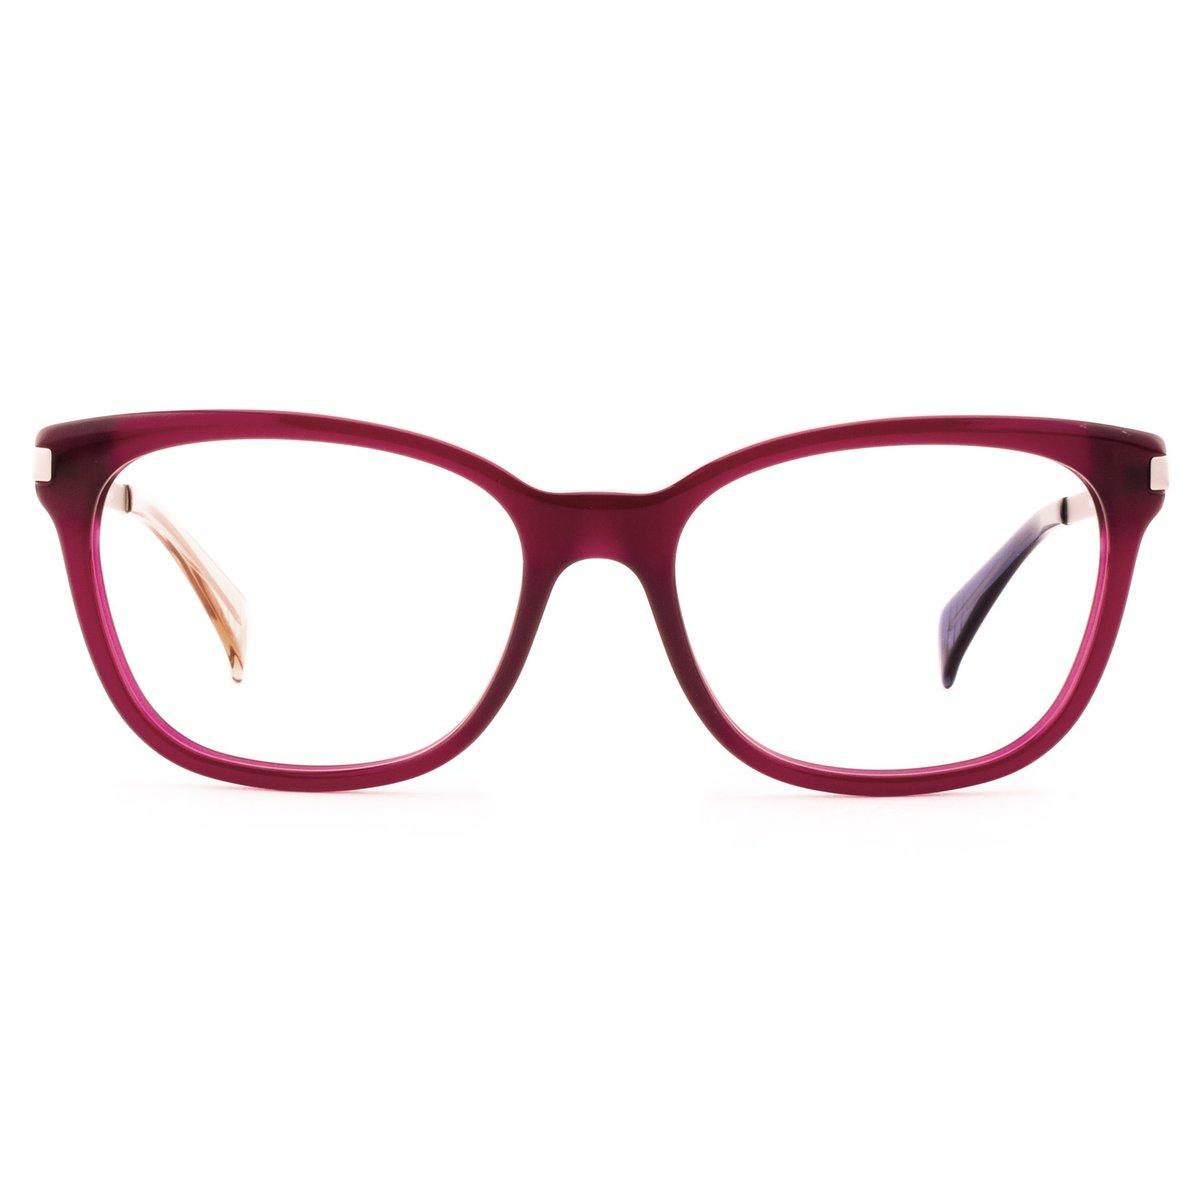 830088642c456 Armação Óculos de Grau Tommy Hilfiger TH1381 QEI-53 - Compre Agora    Netshoes